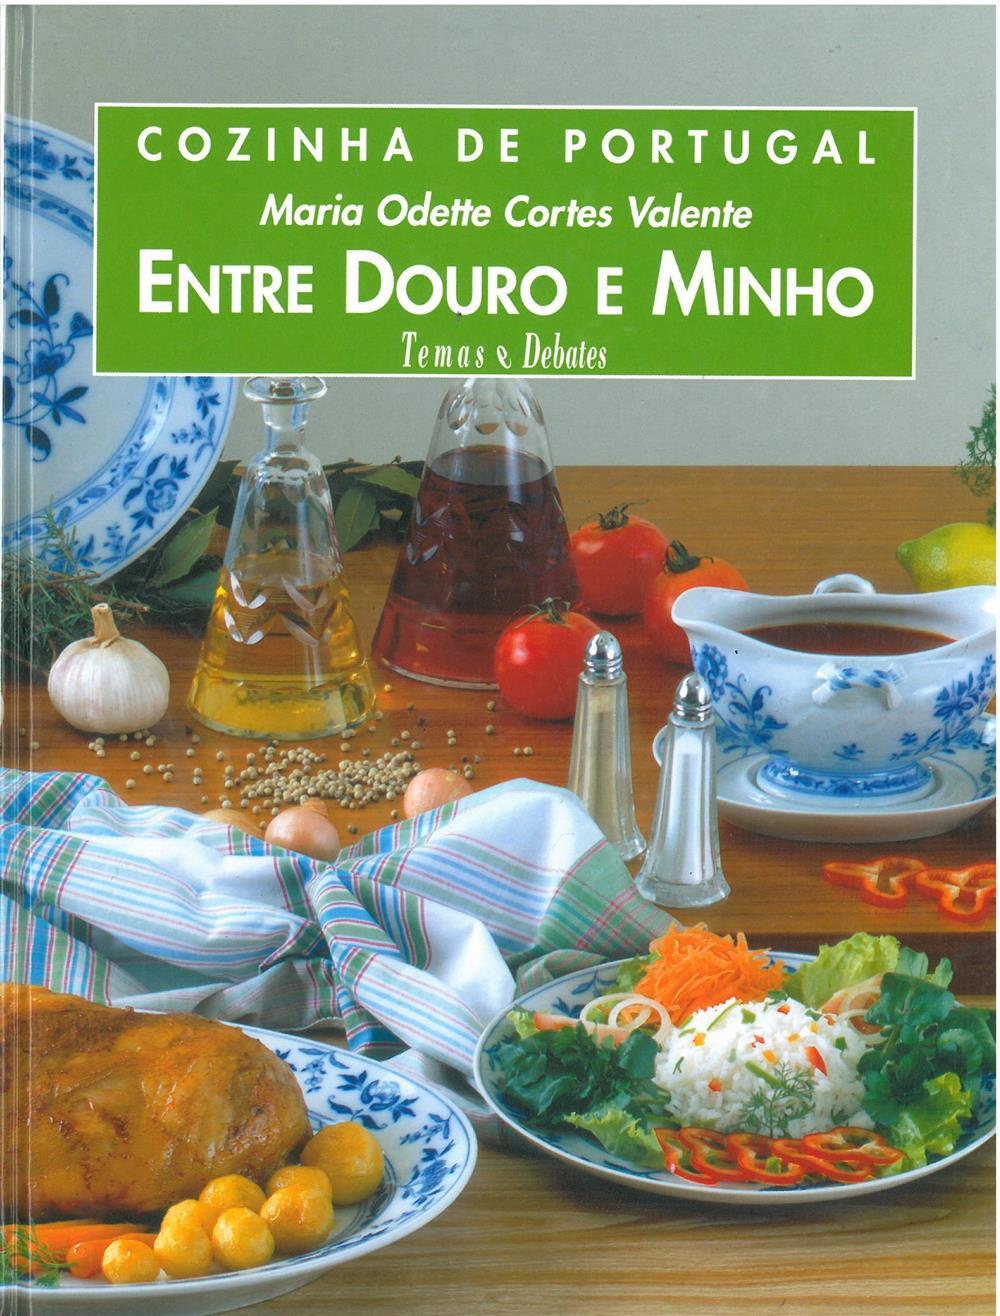 Cozinha de Portugal_entre Douro e Minho.jpg